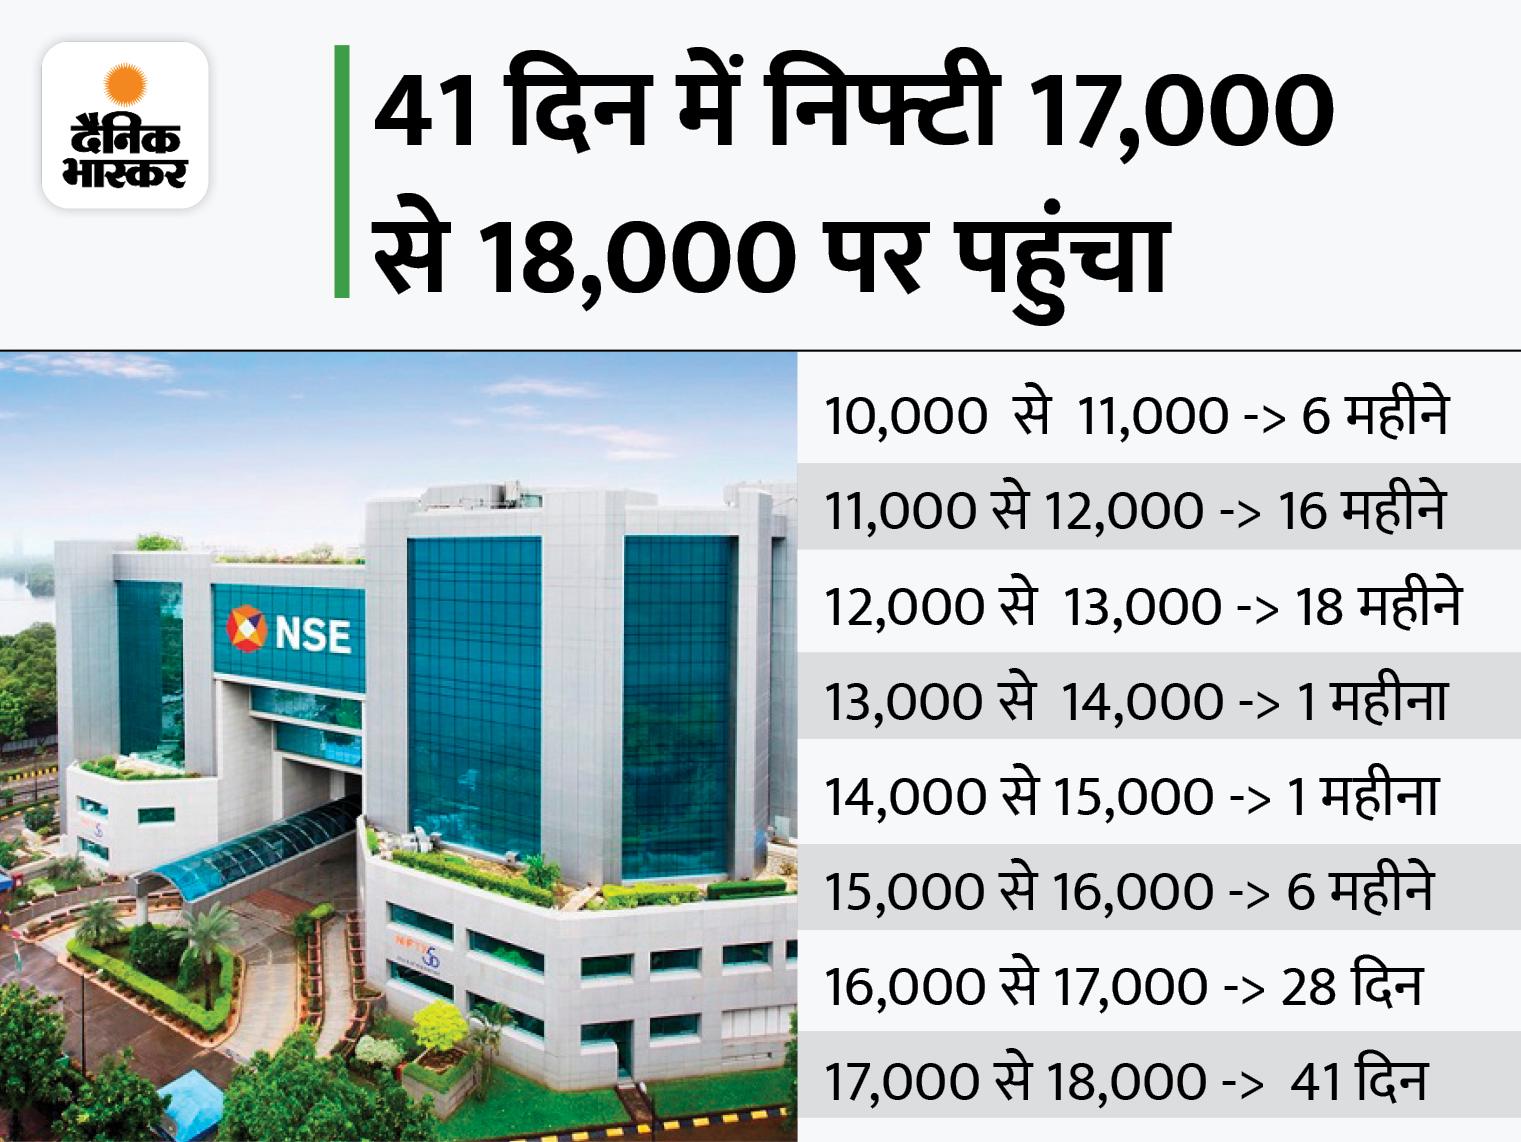 रिकॉर्ड हाई बनाने के बाद बाजार ने बढ़त गंवाई, सेंसेक्स 76 पॉइंट चढ़कर 60135 पर और निफ्टी 50 पॉइंट चढ़कर 17945 पर बंद|बिजनेस,Business - Dainik Bhaskar